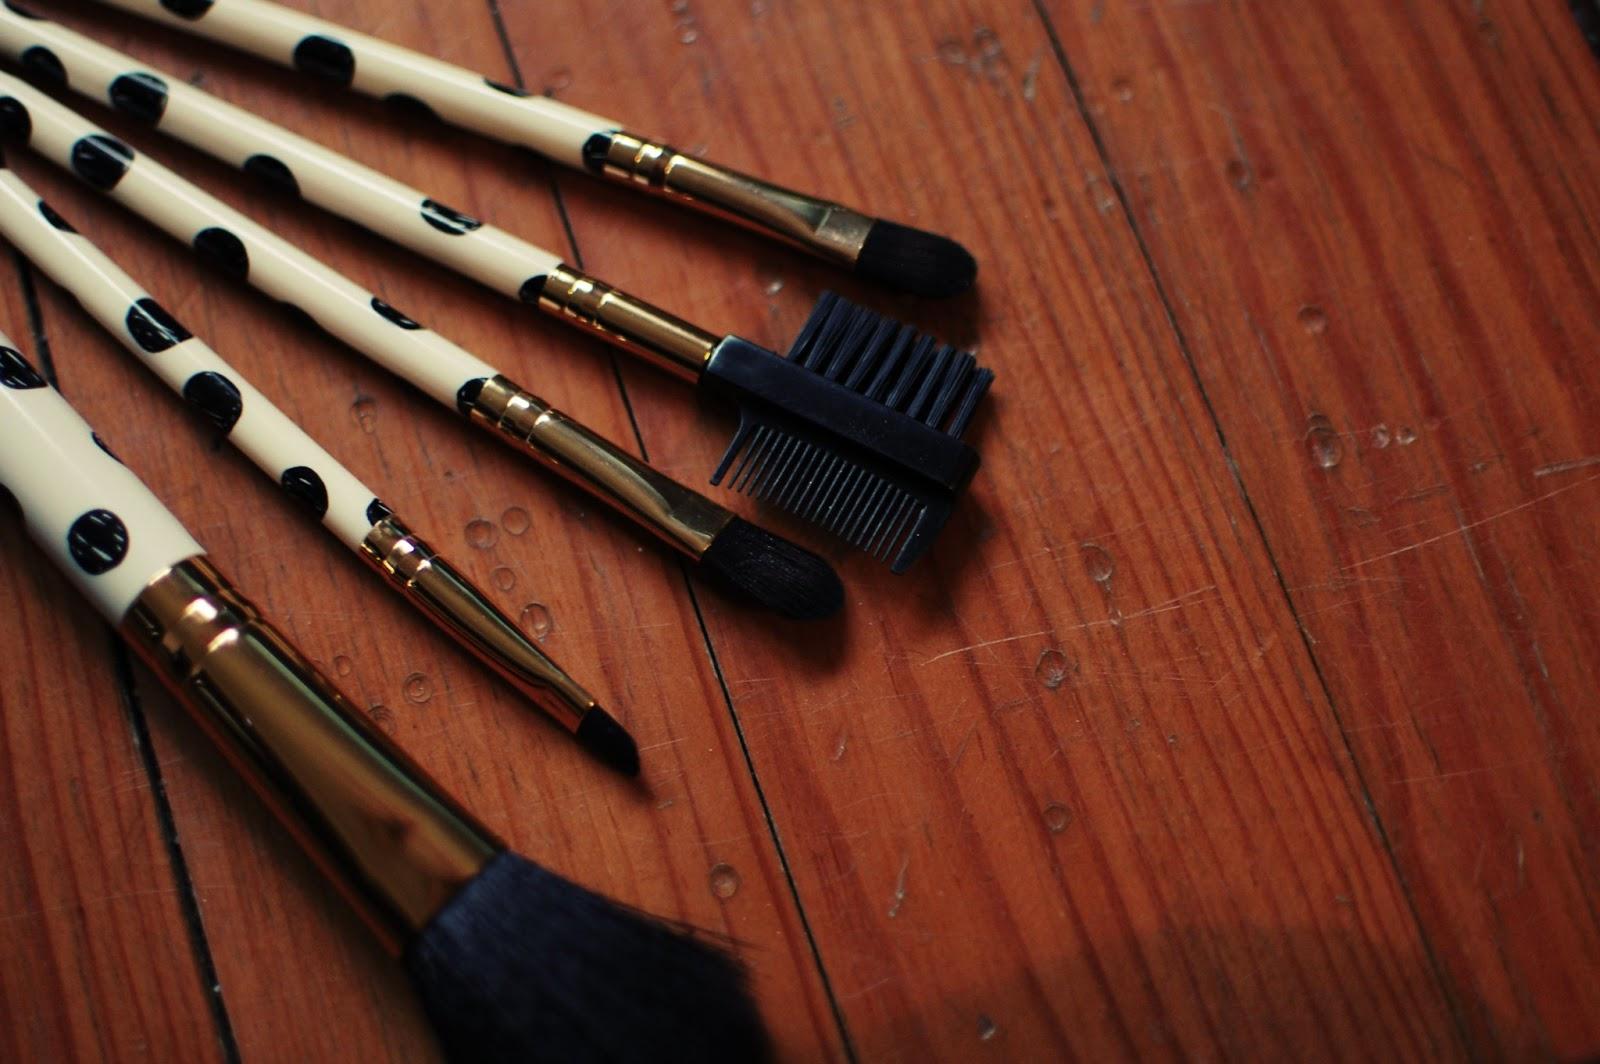 brushes-forever21-make-up-accesories-pinceaux-maquillage-accessoire-beauté-eyelid-blush-eyebrow-eyelash-sourcil-paupière-cil-petit-prix-cheap